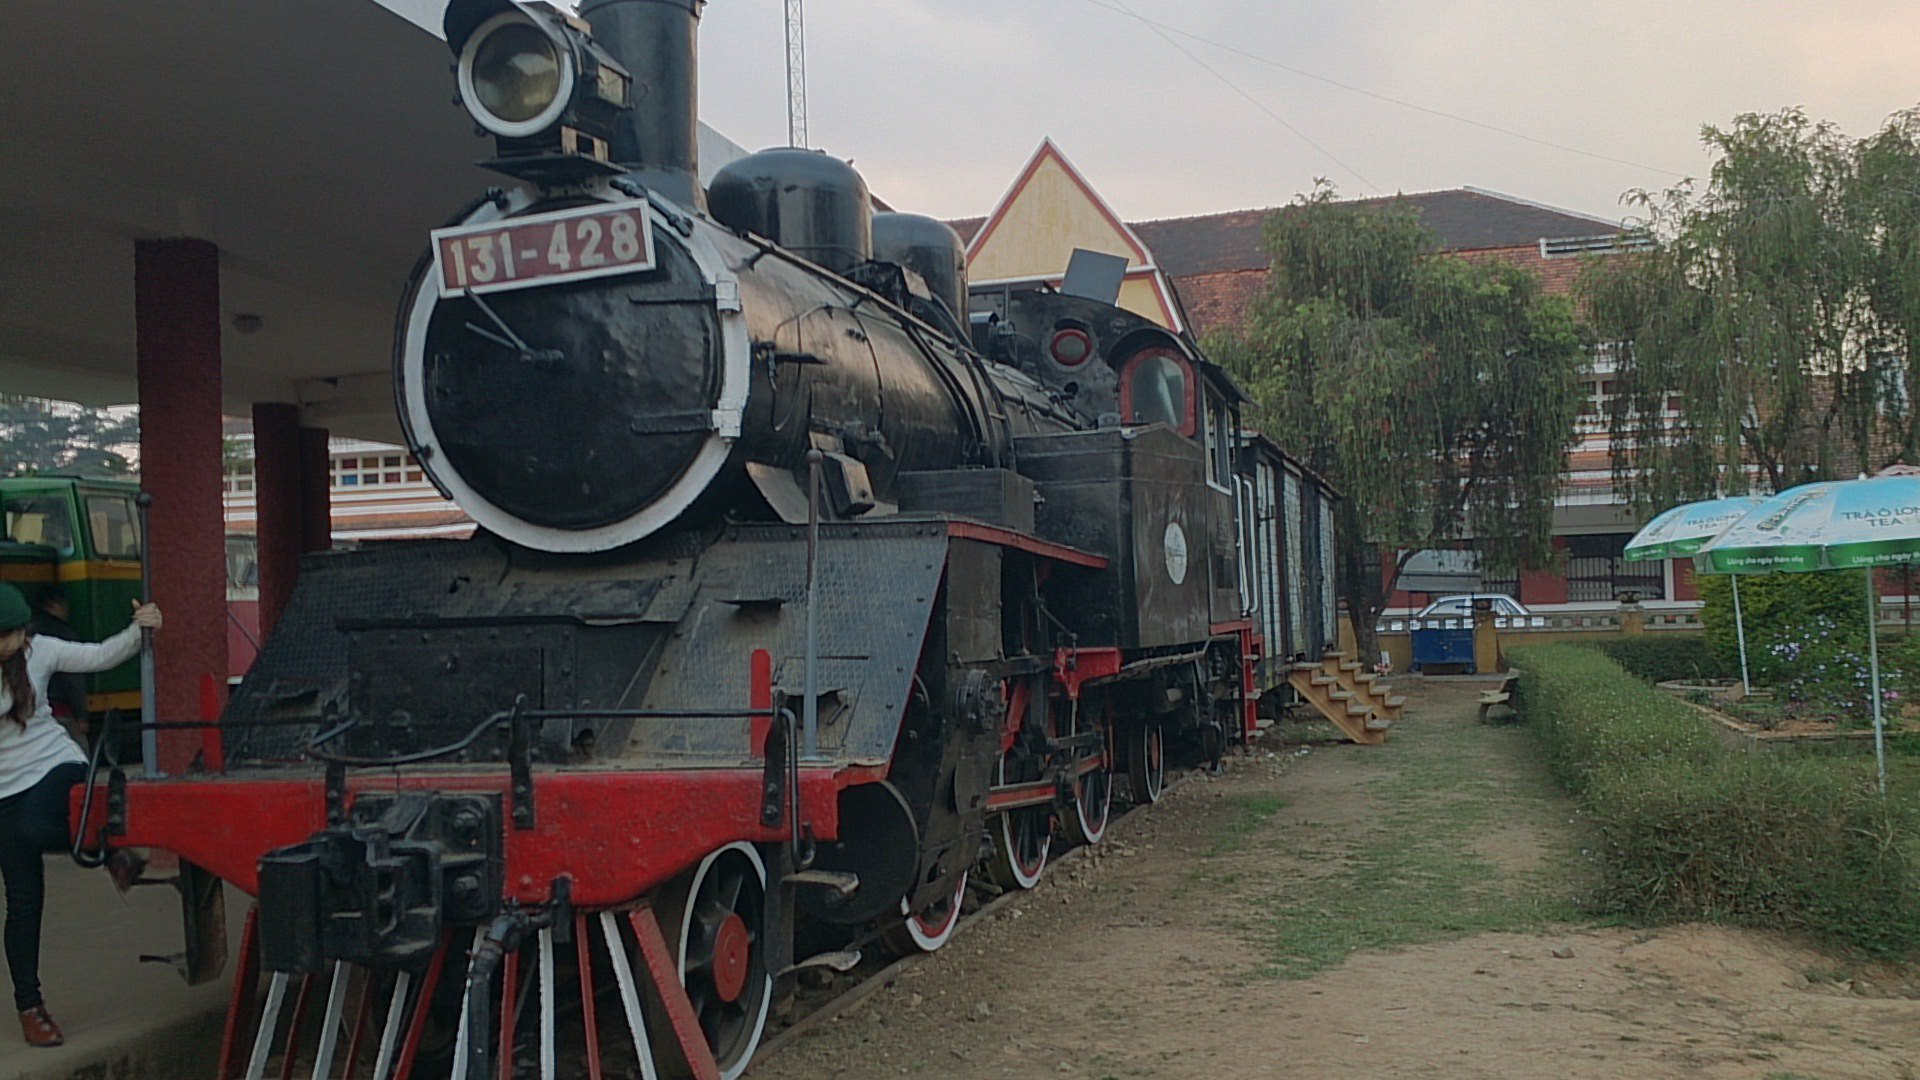 ダラット高原鉄道で隣町のチャイマット村へ